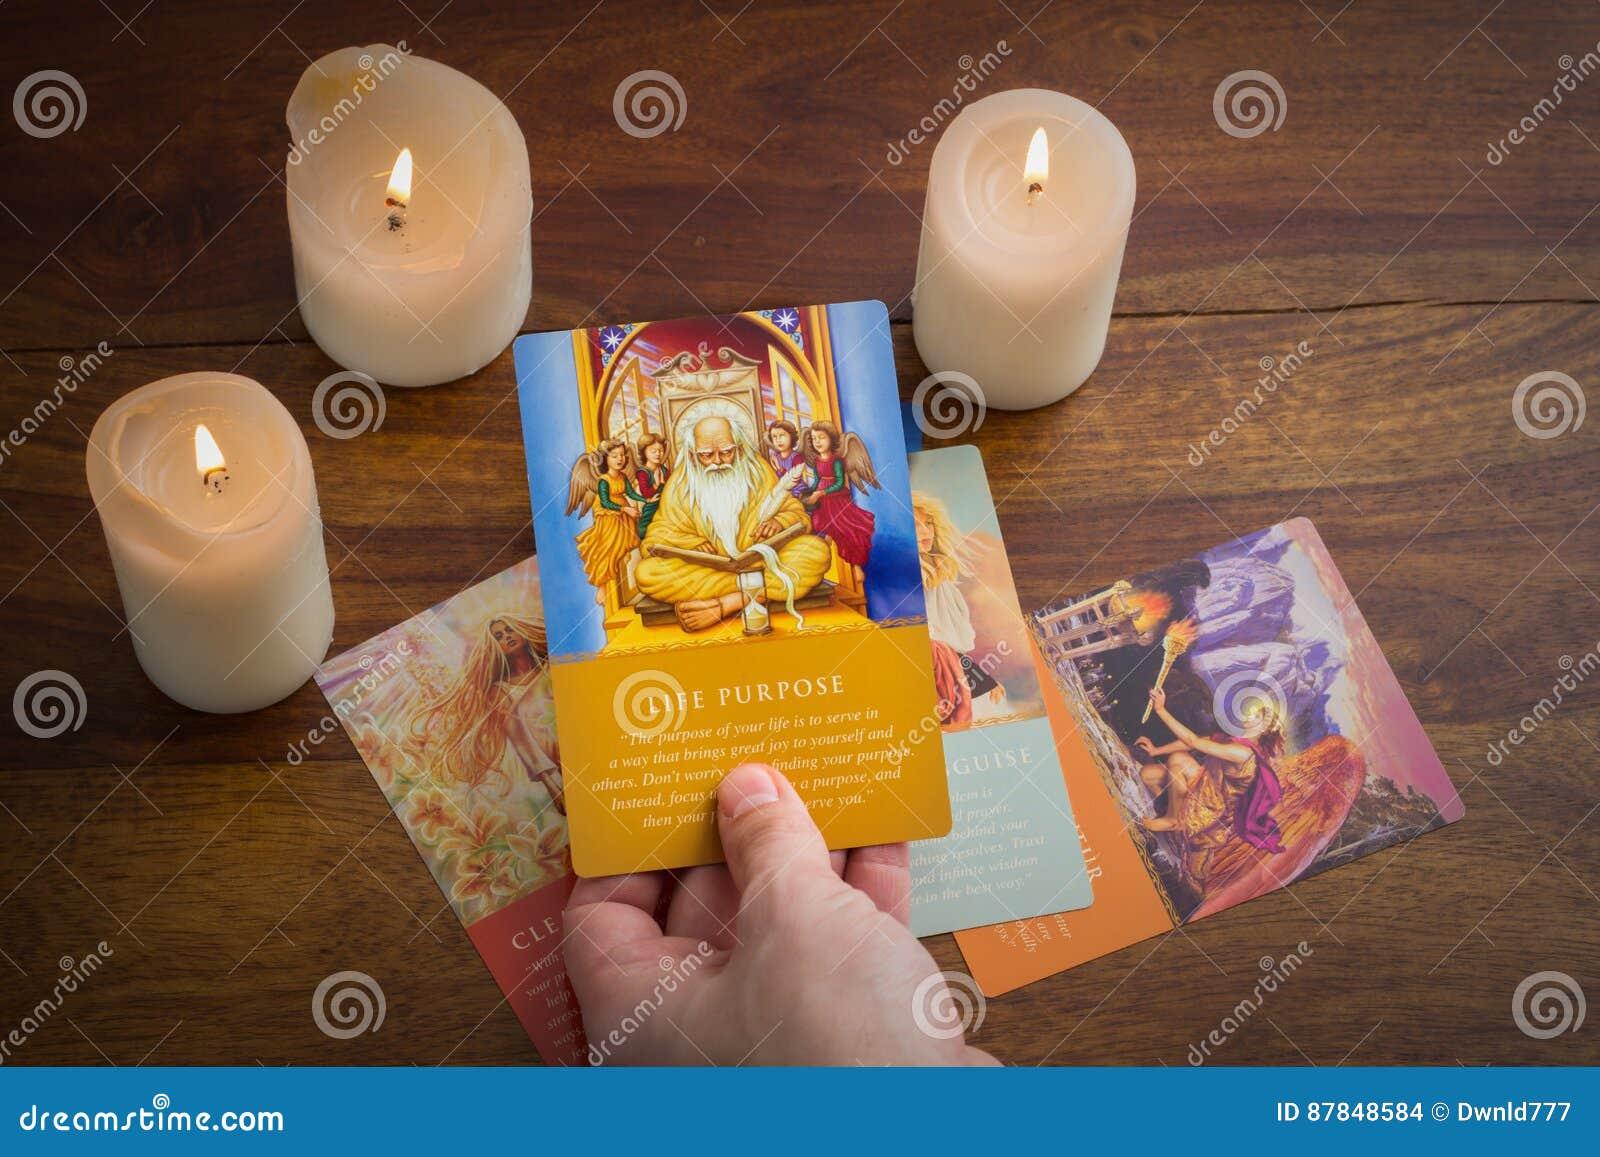 Cartes de tarot et bougie brûlante sur la table en bois